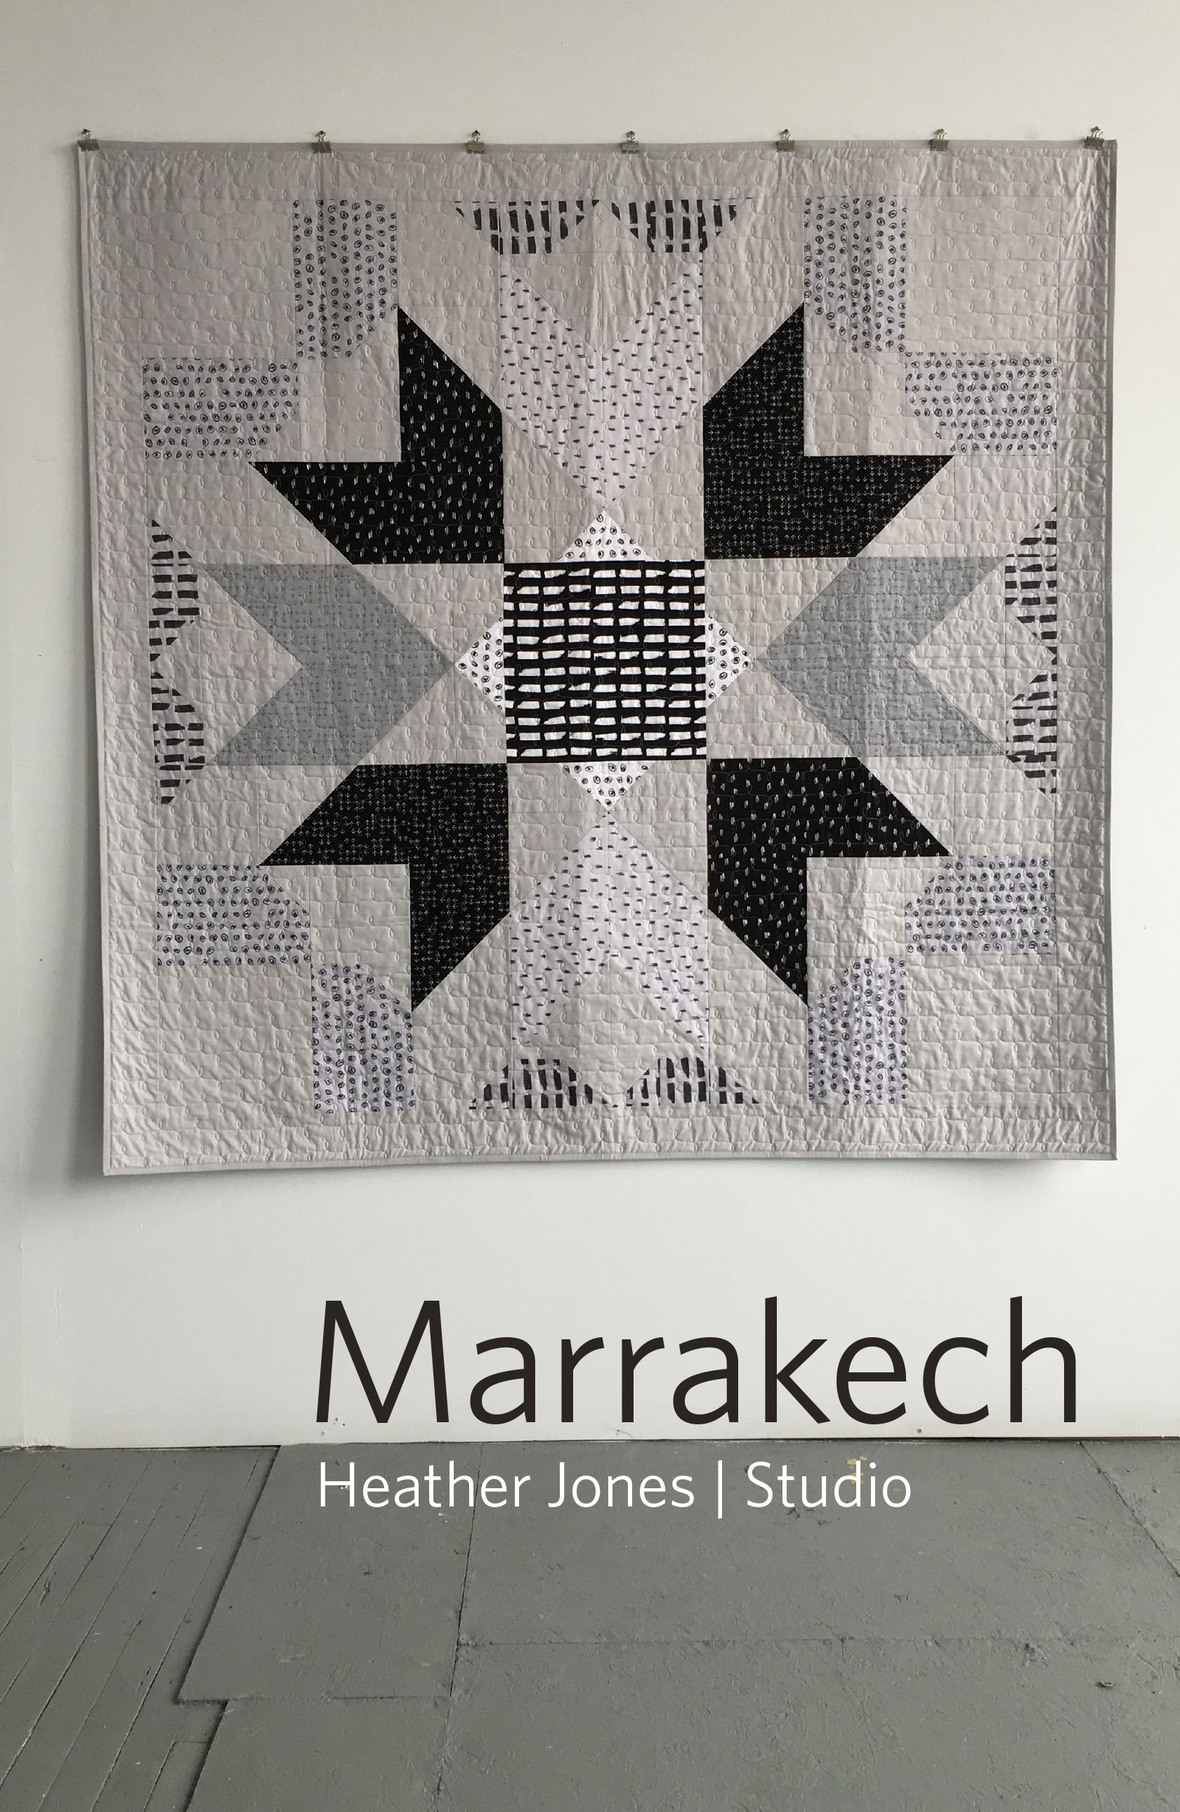 heather jones marrakech sewing pattern